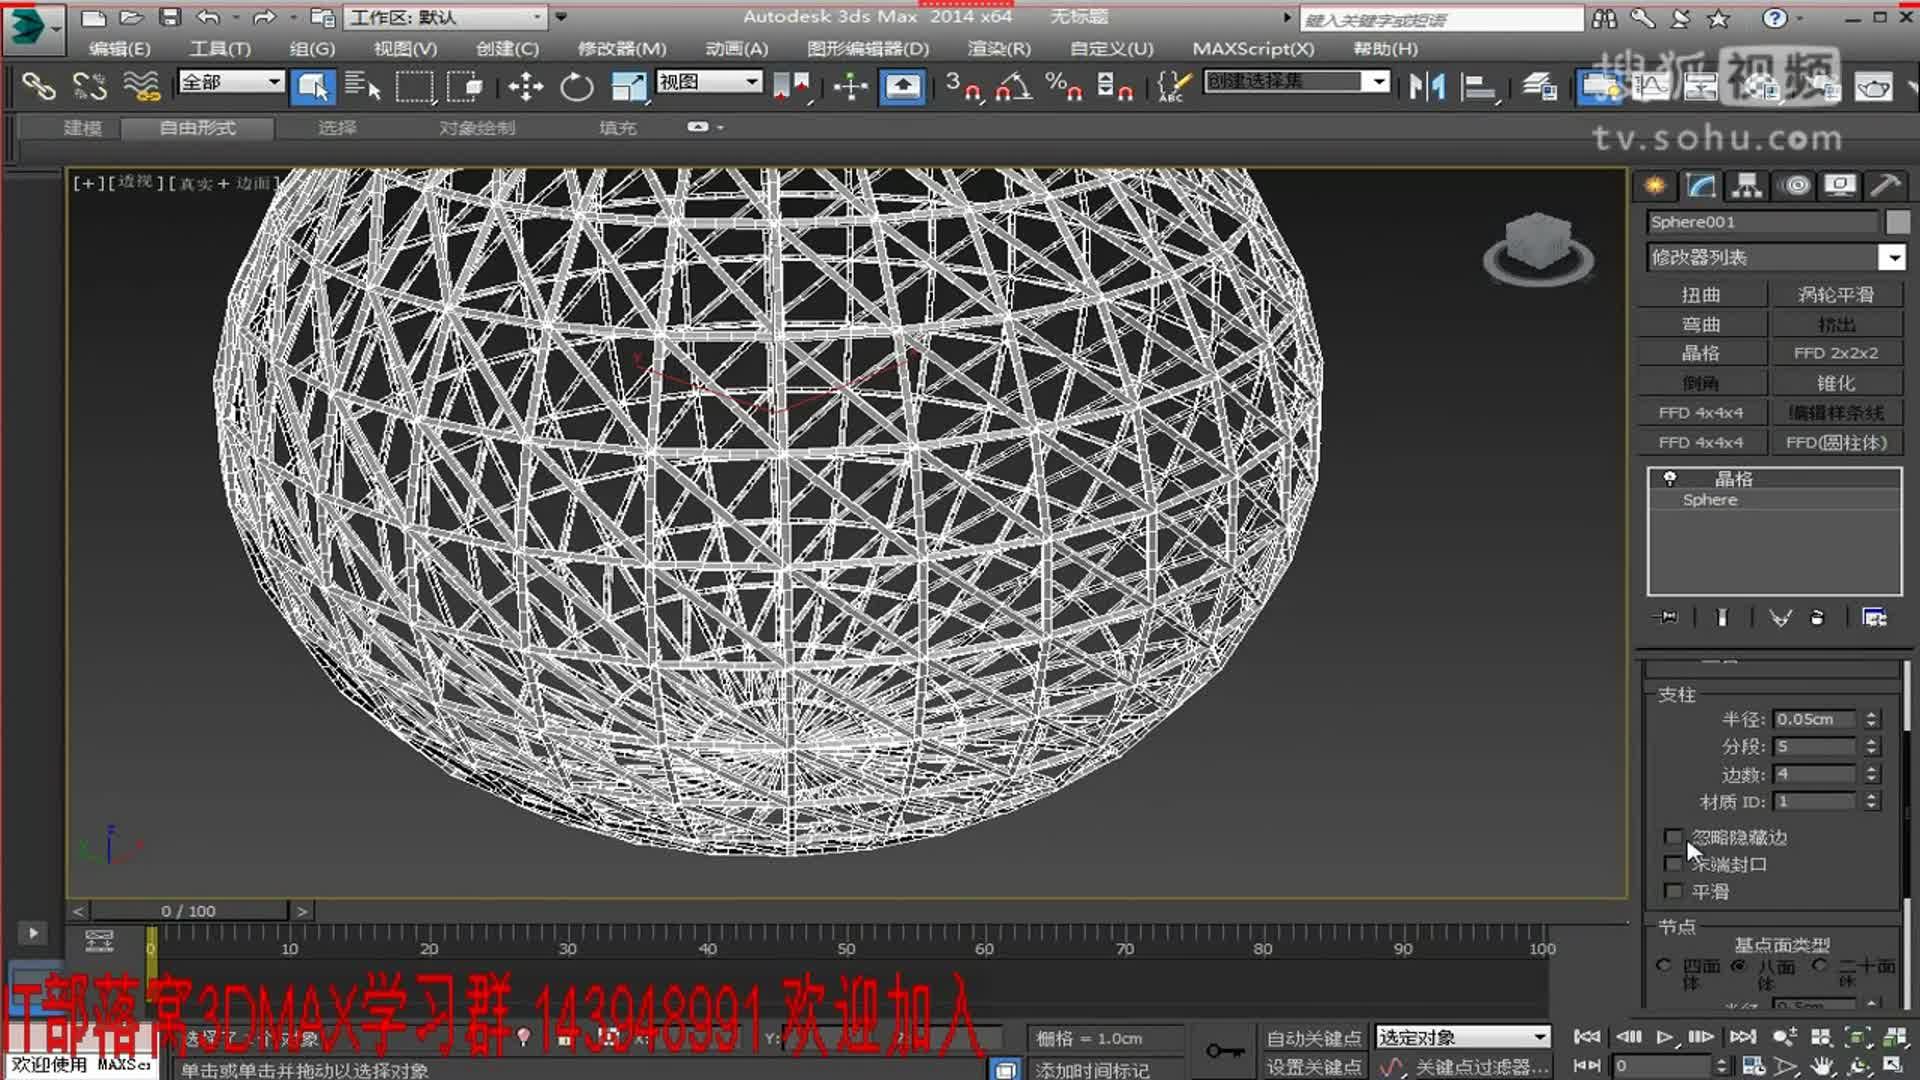 """3dmax室内设计教程3d教程 3dmax视频教程 3dmax教程 3d视频教程第7课3Dmax基础教程三维编辑命令-""""晶格""""-制作纸篓"""